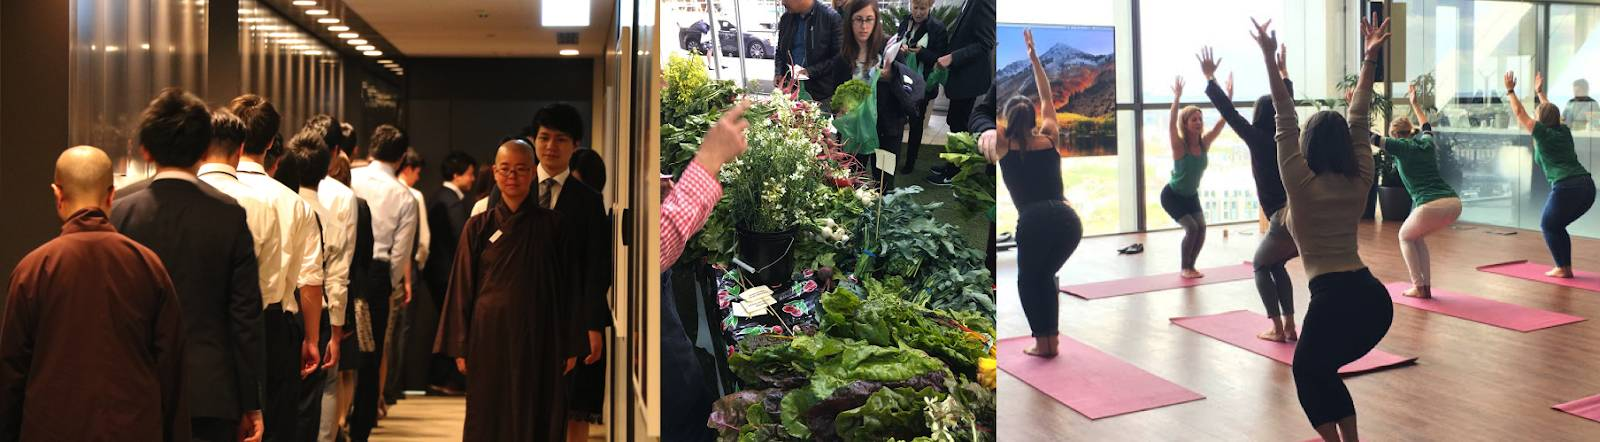 Un collage de photos d'employés participant à des activités liées au bien-être. Ils assistent à une séance de pleine conscience, visitent un marché de producteurs et suivent un cours de fitness.